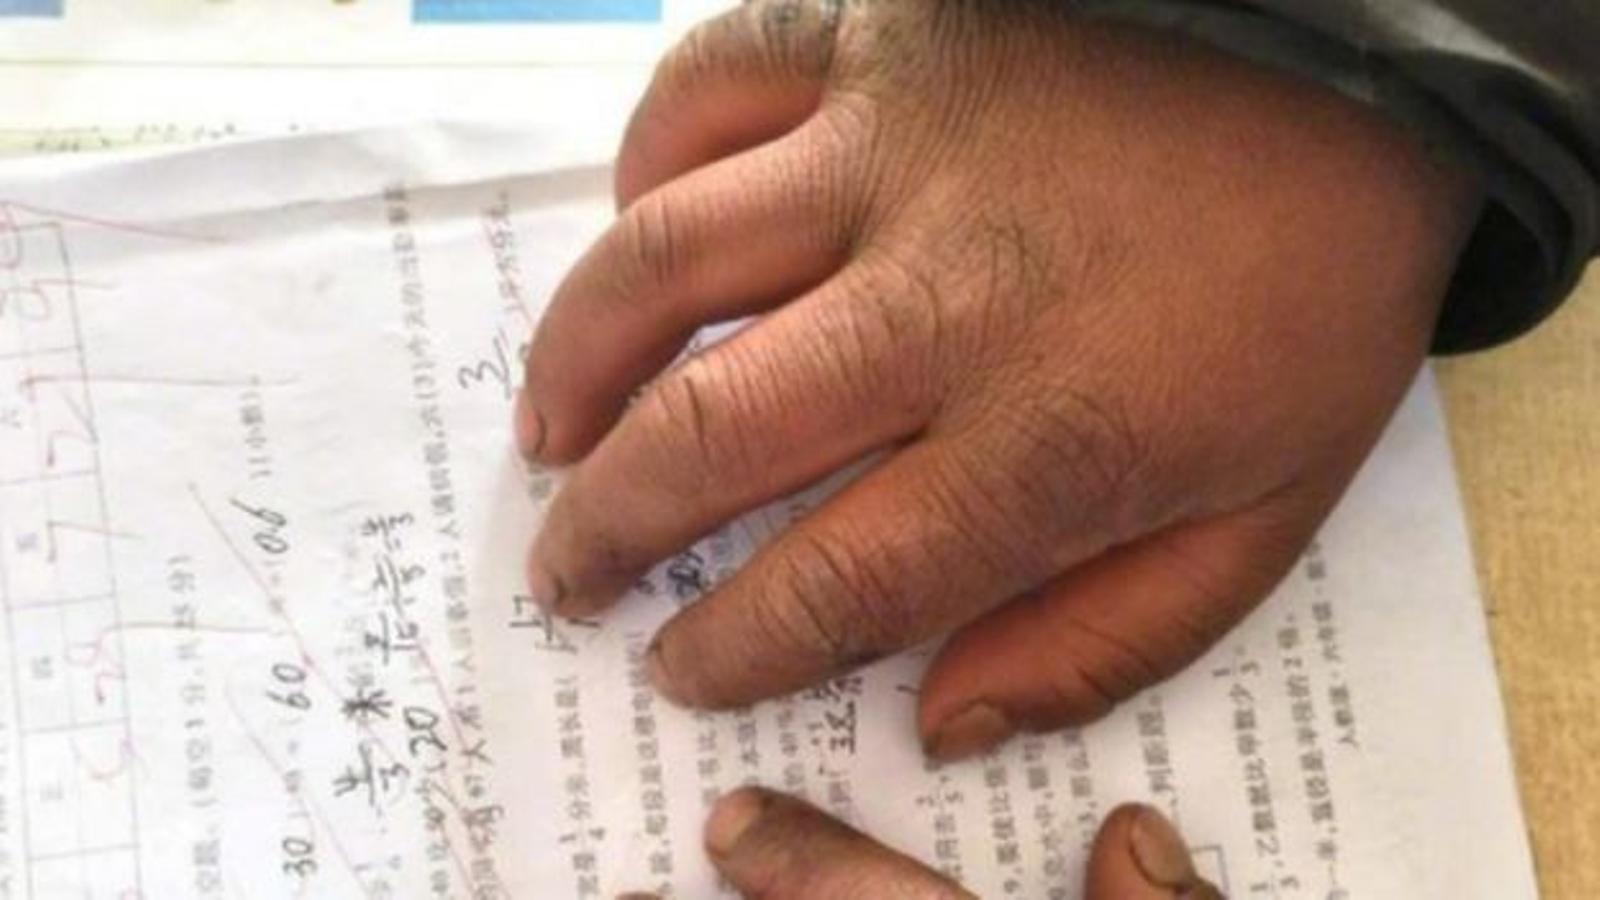 Wang va ser capaç d'obtenir una puntuació de 99 sobre 100 tot i tenir les mans congelades / THE PAPER